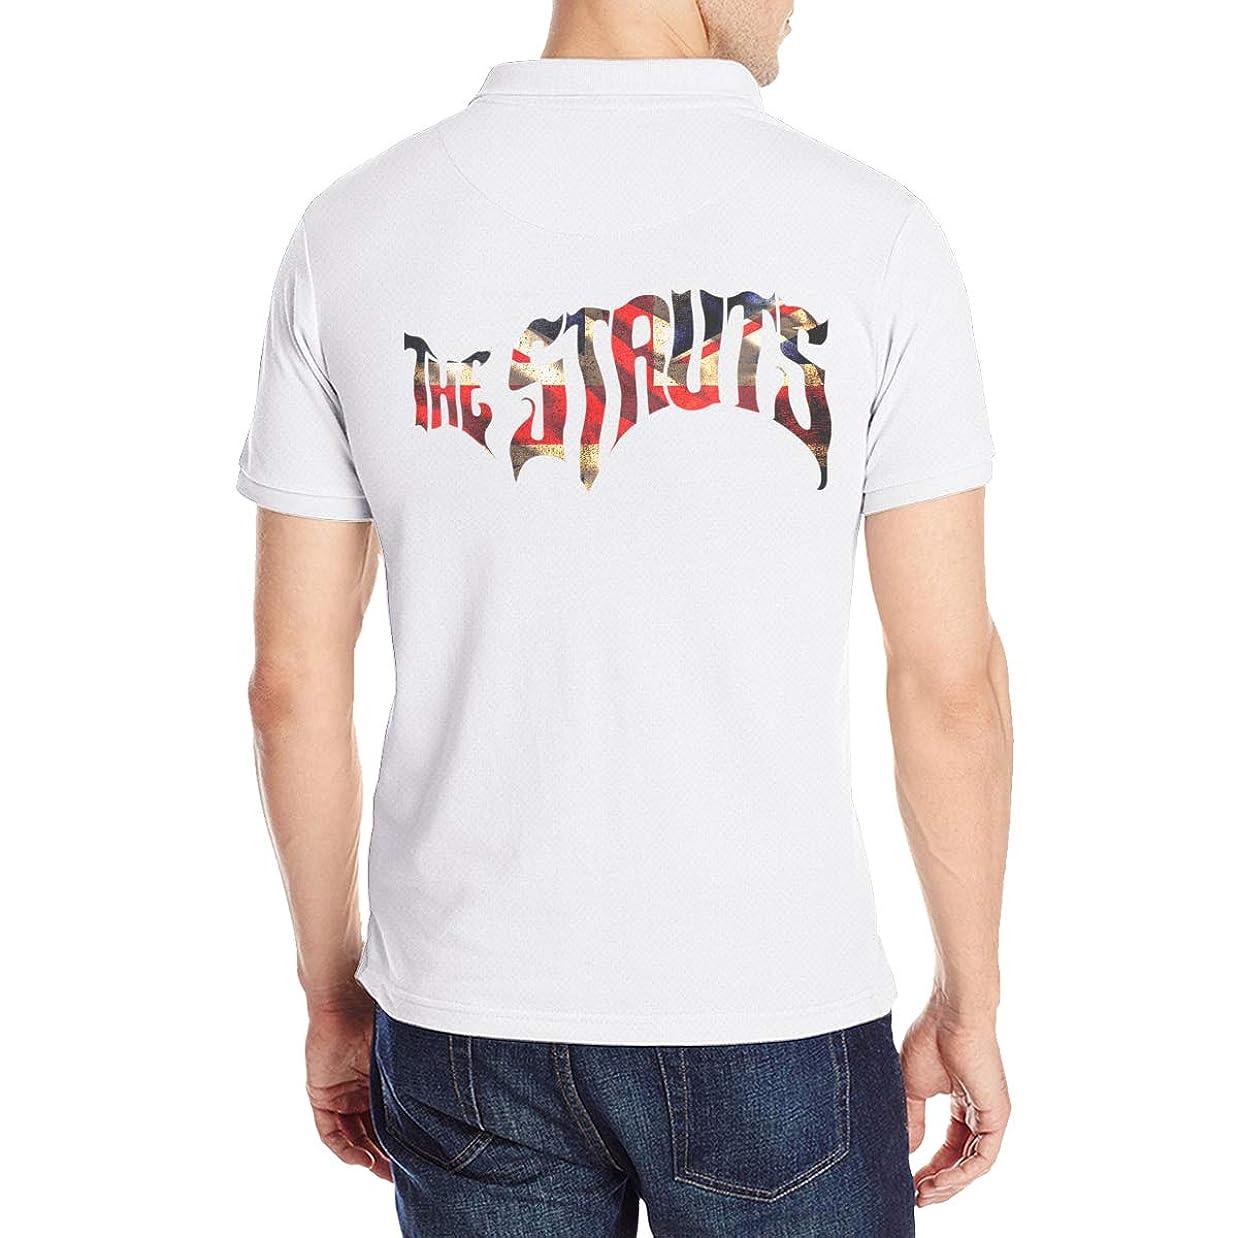 不純トースト密ザ?ストラッツ The Struts 2018 Tour Tシャツ Polo シャツ ポロ メンズ ユニーク コットン 後ろプリントtシャツ V首 ショートスリーブ 夏トップス ビジネス 人気 シンプル吸汗速乾 通学 通勤 着痩せ